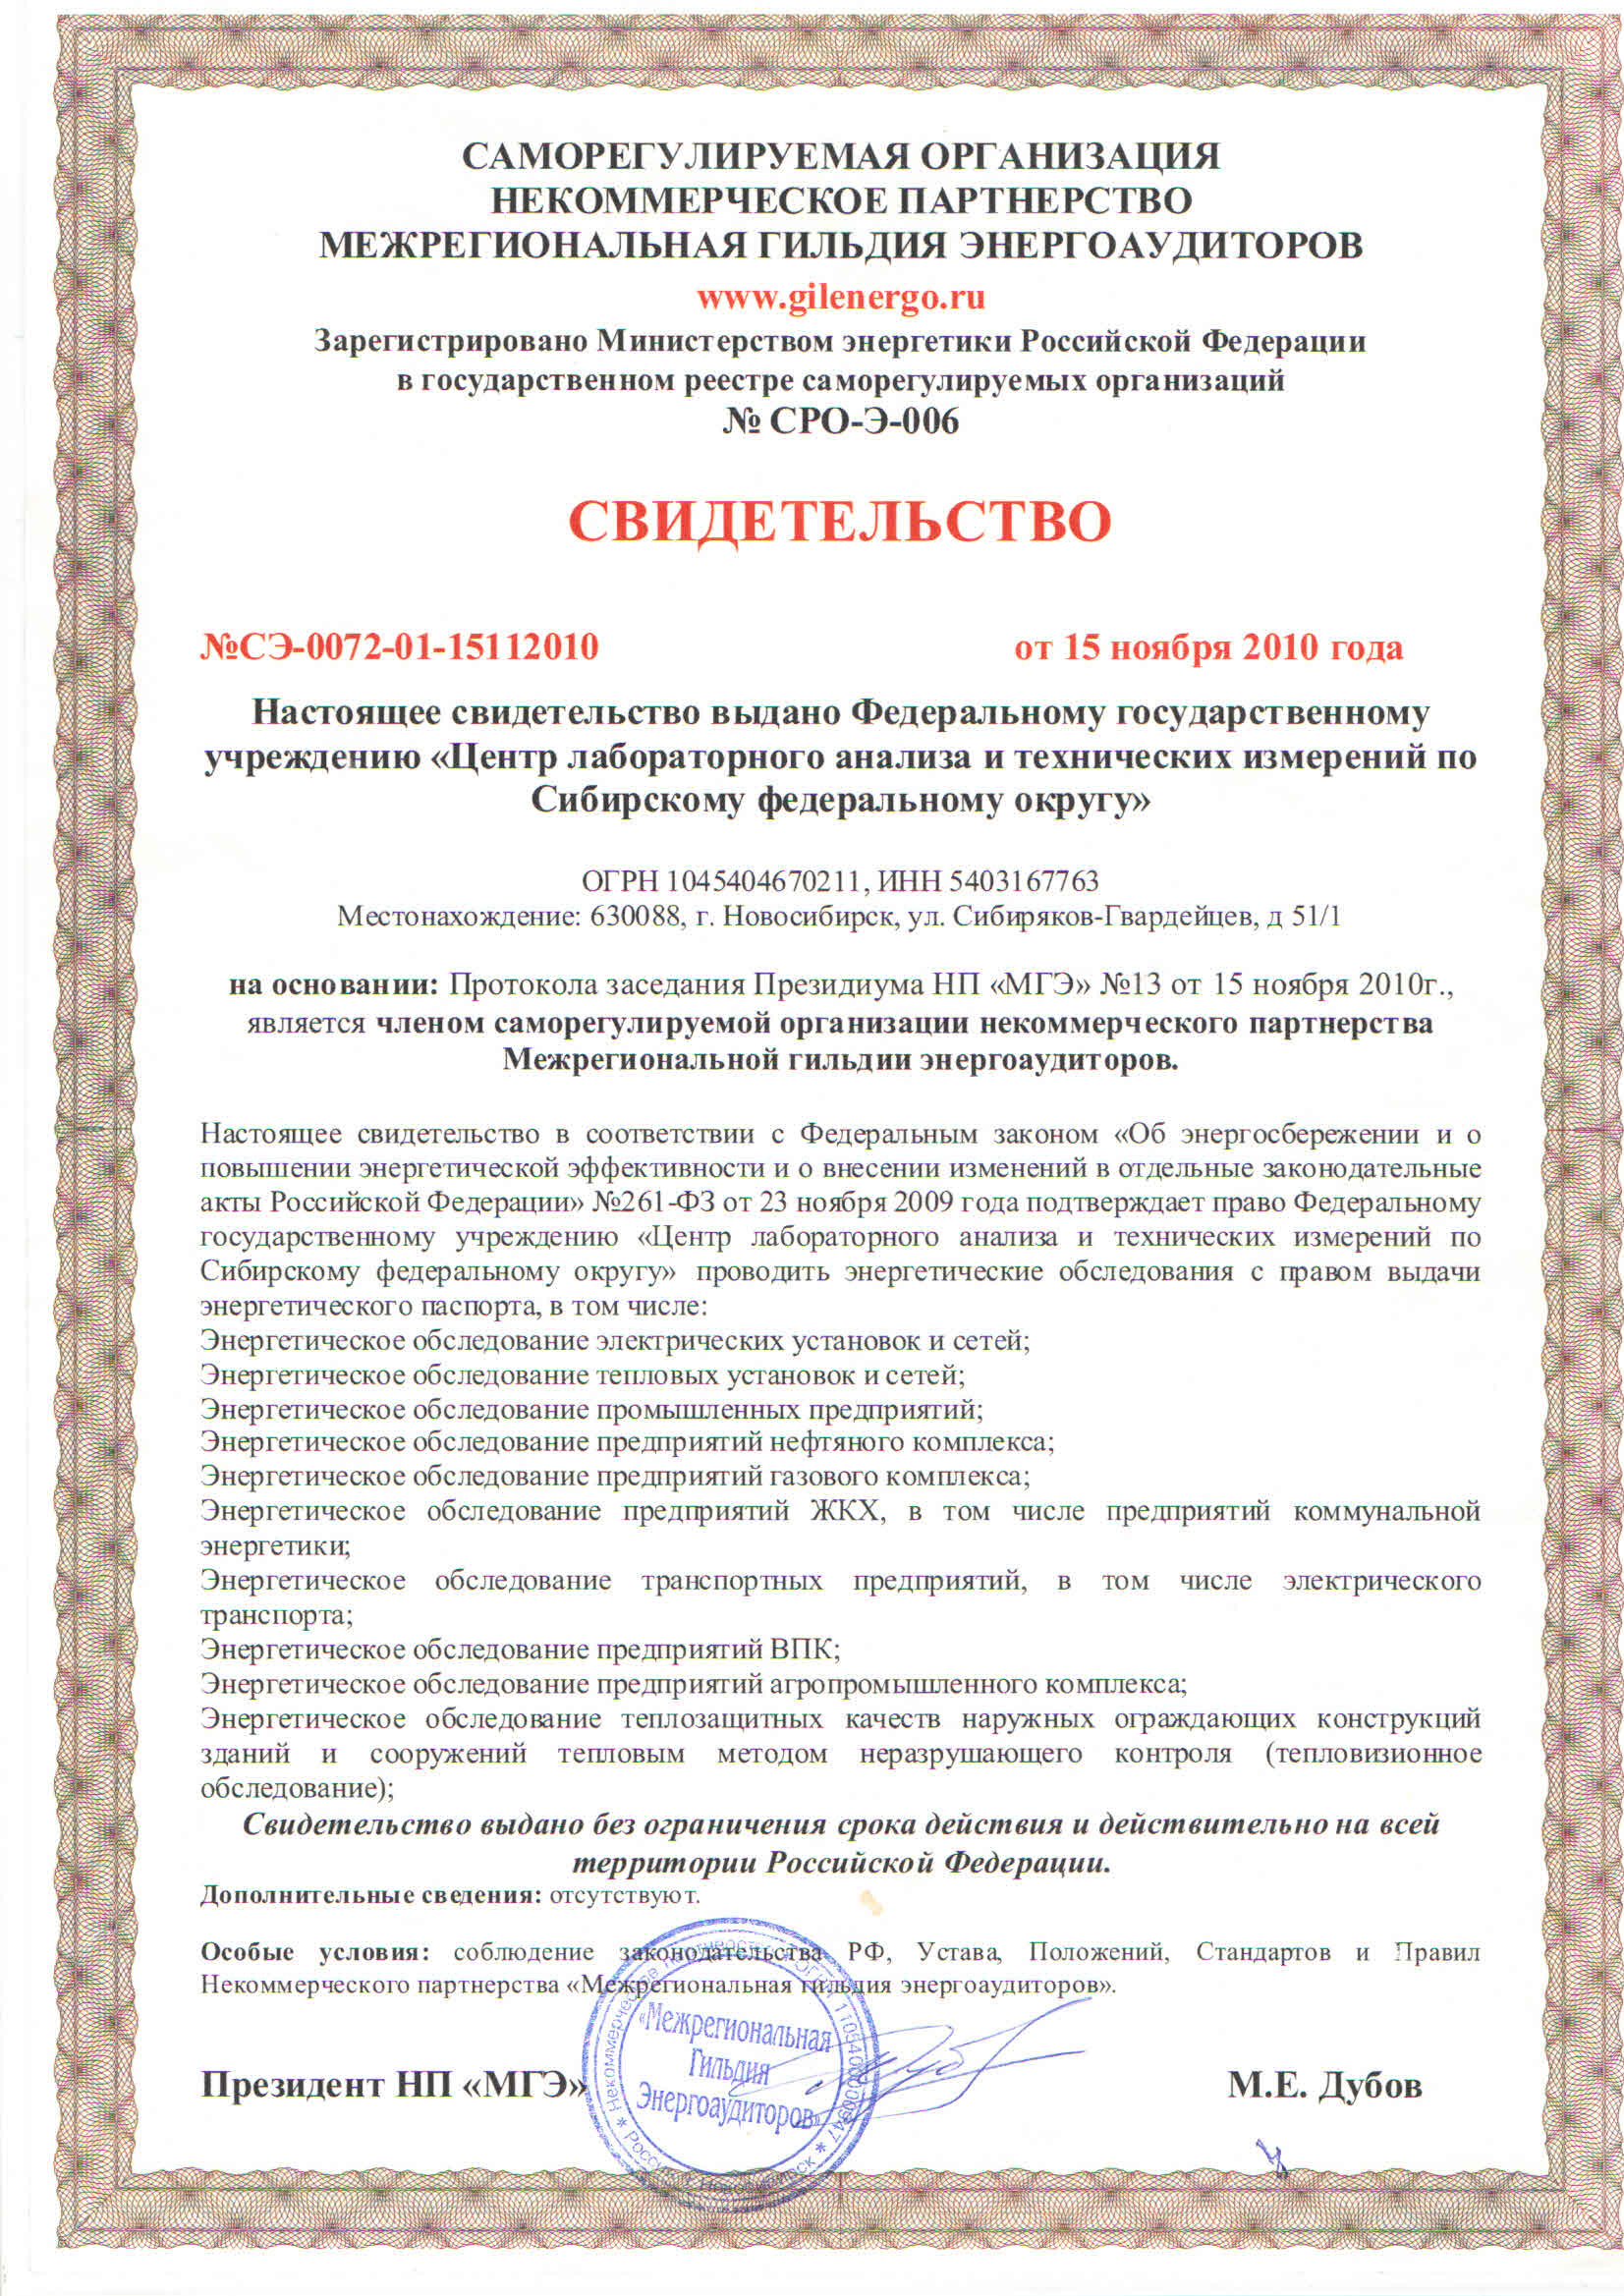 Свидетельство № СЭ-0072-01-15112010